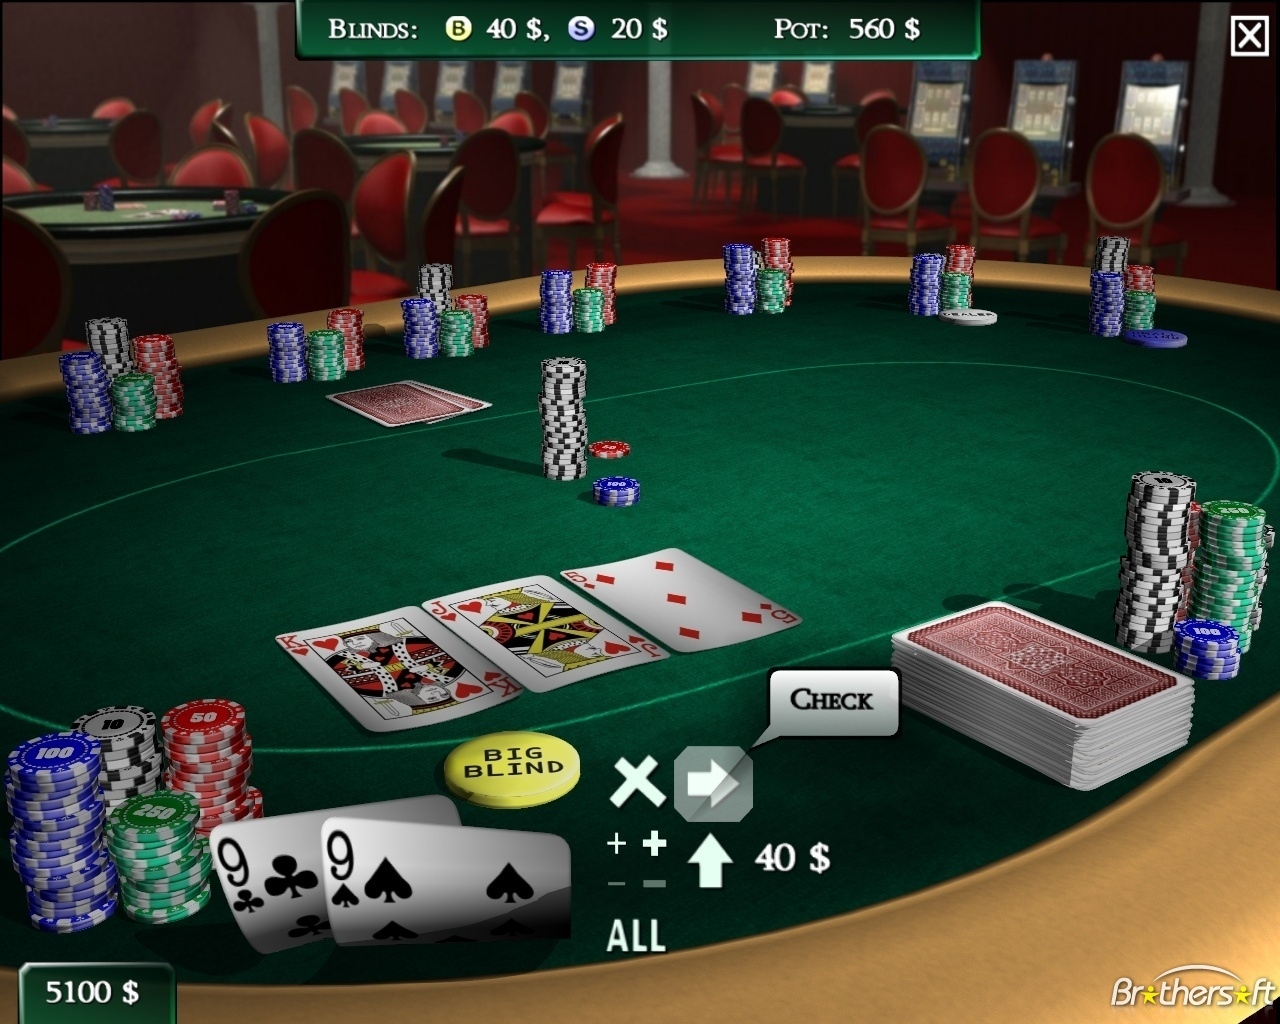 Regolamento di gioco poker texas hold'em